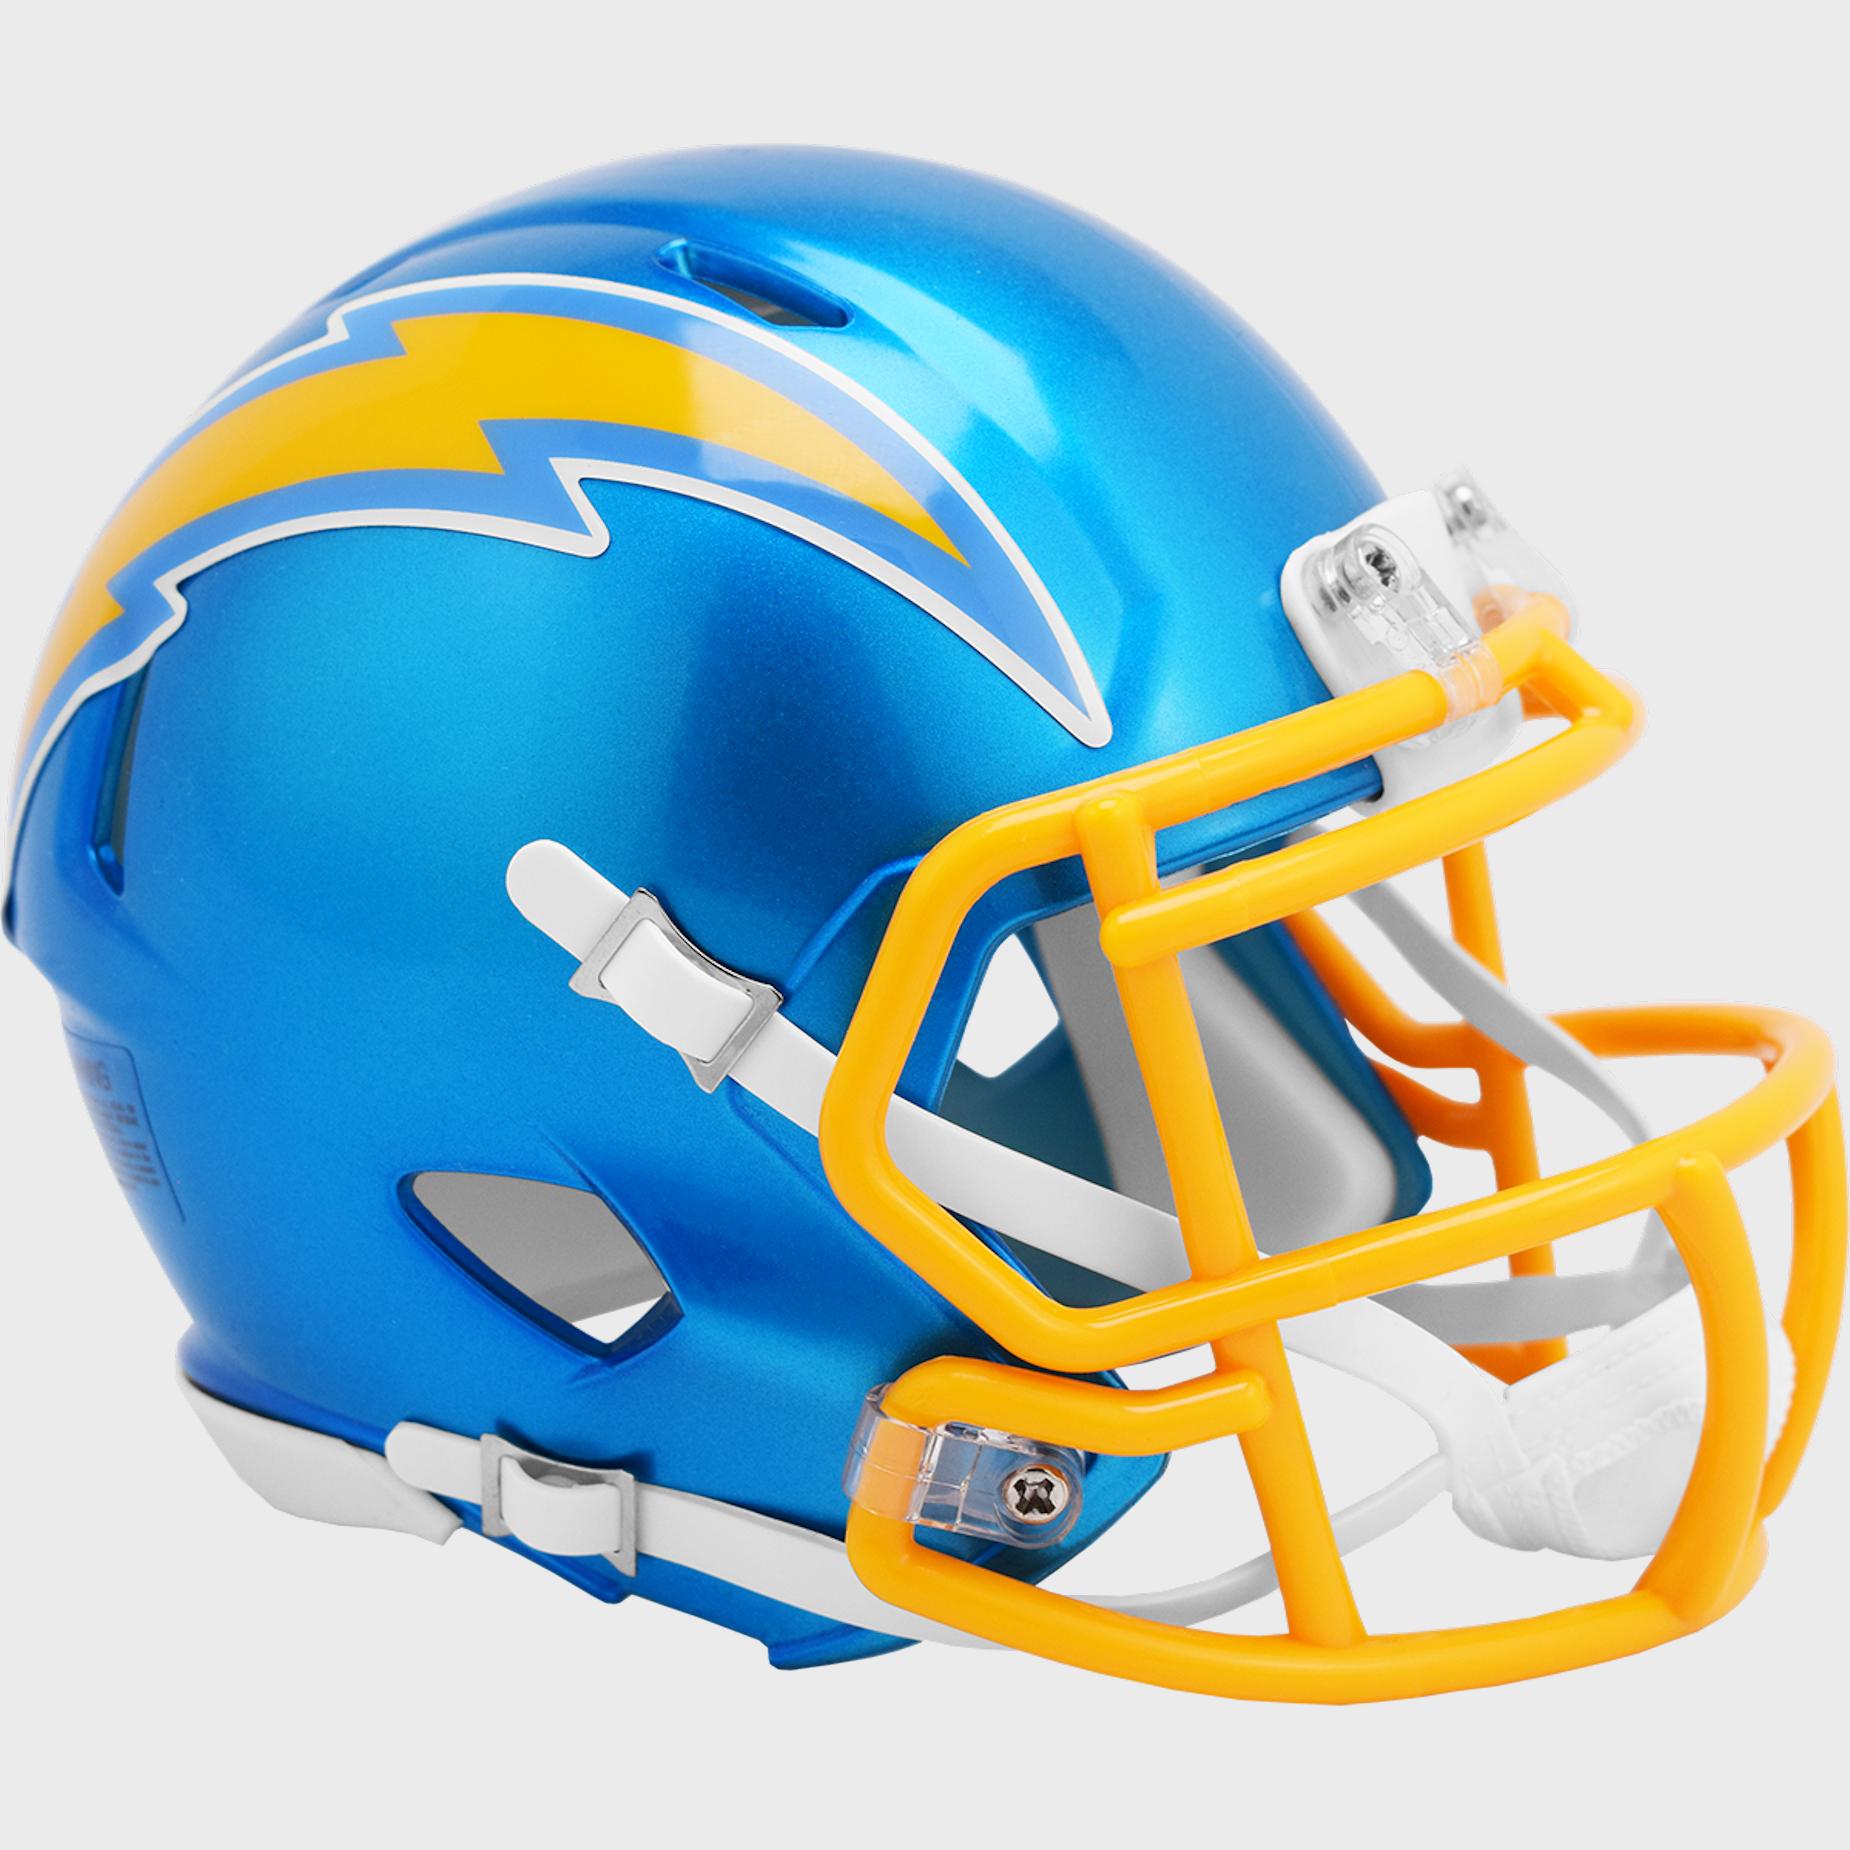 Los Angeles Chargers Speed Mini Football Helmet <B>FLASH ESD 8/21/21</B>